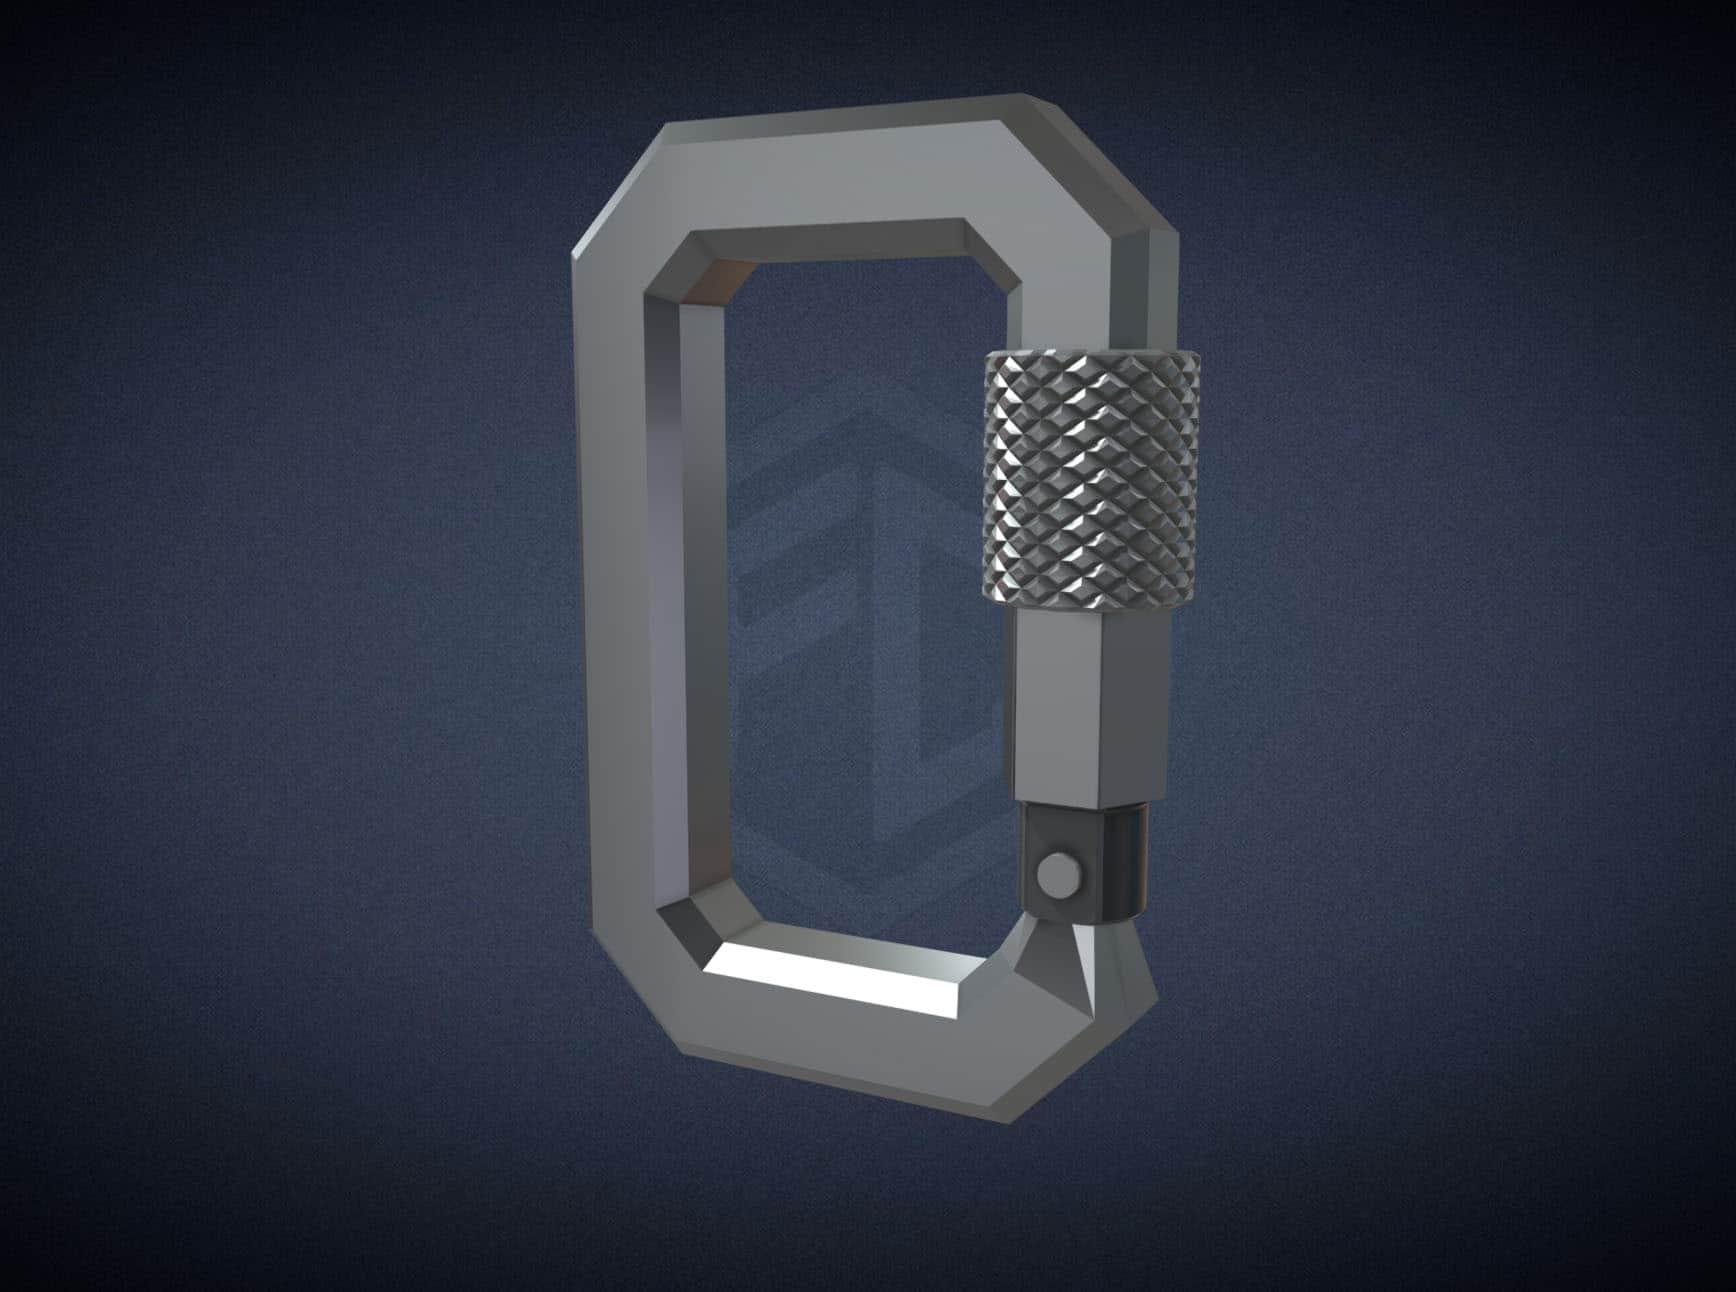 titanfall-cara-2